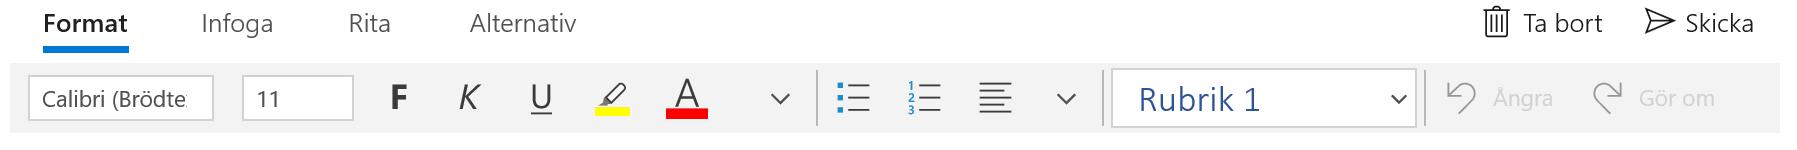 Verktygsfältet Format i appen E-post för Windows 10.